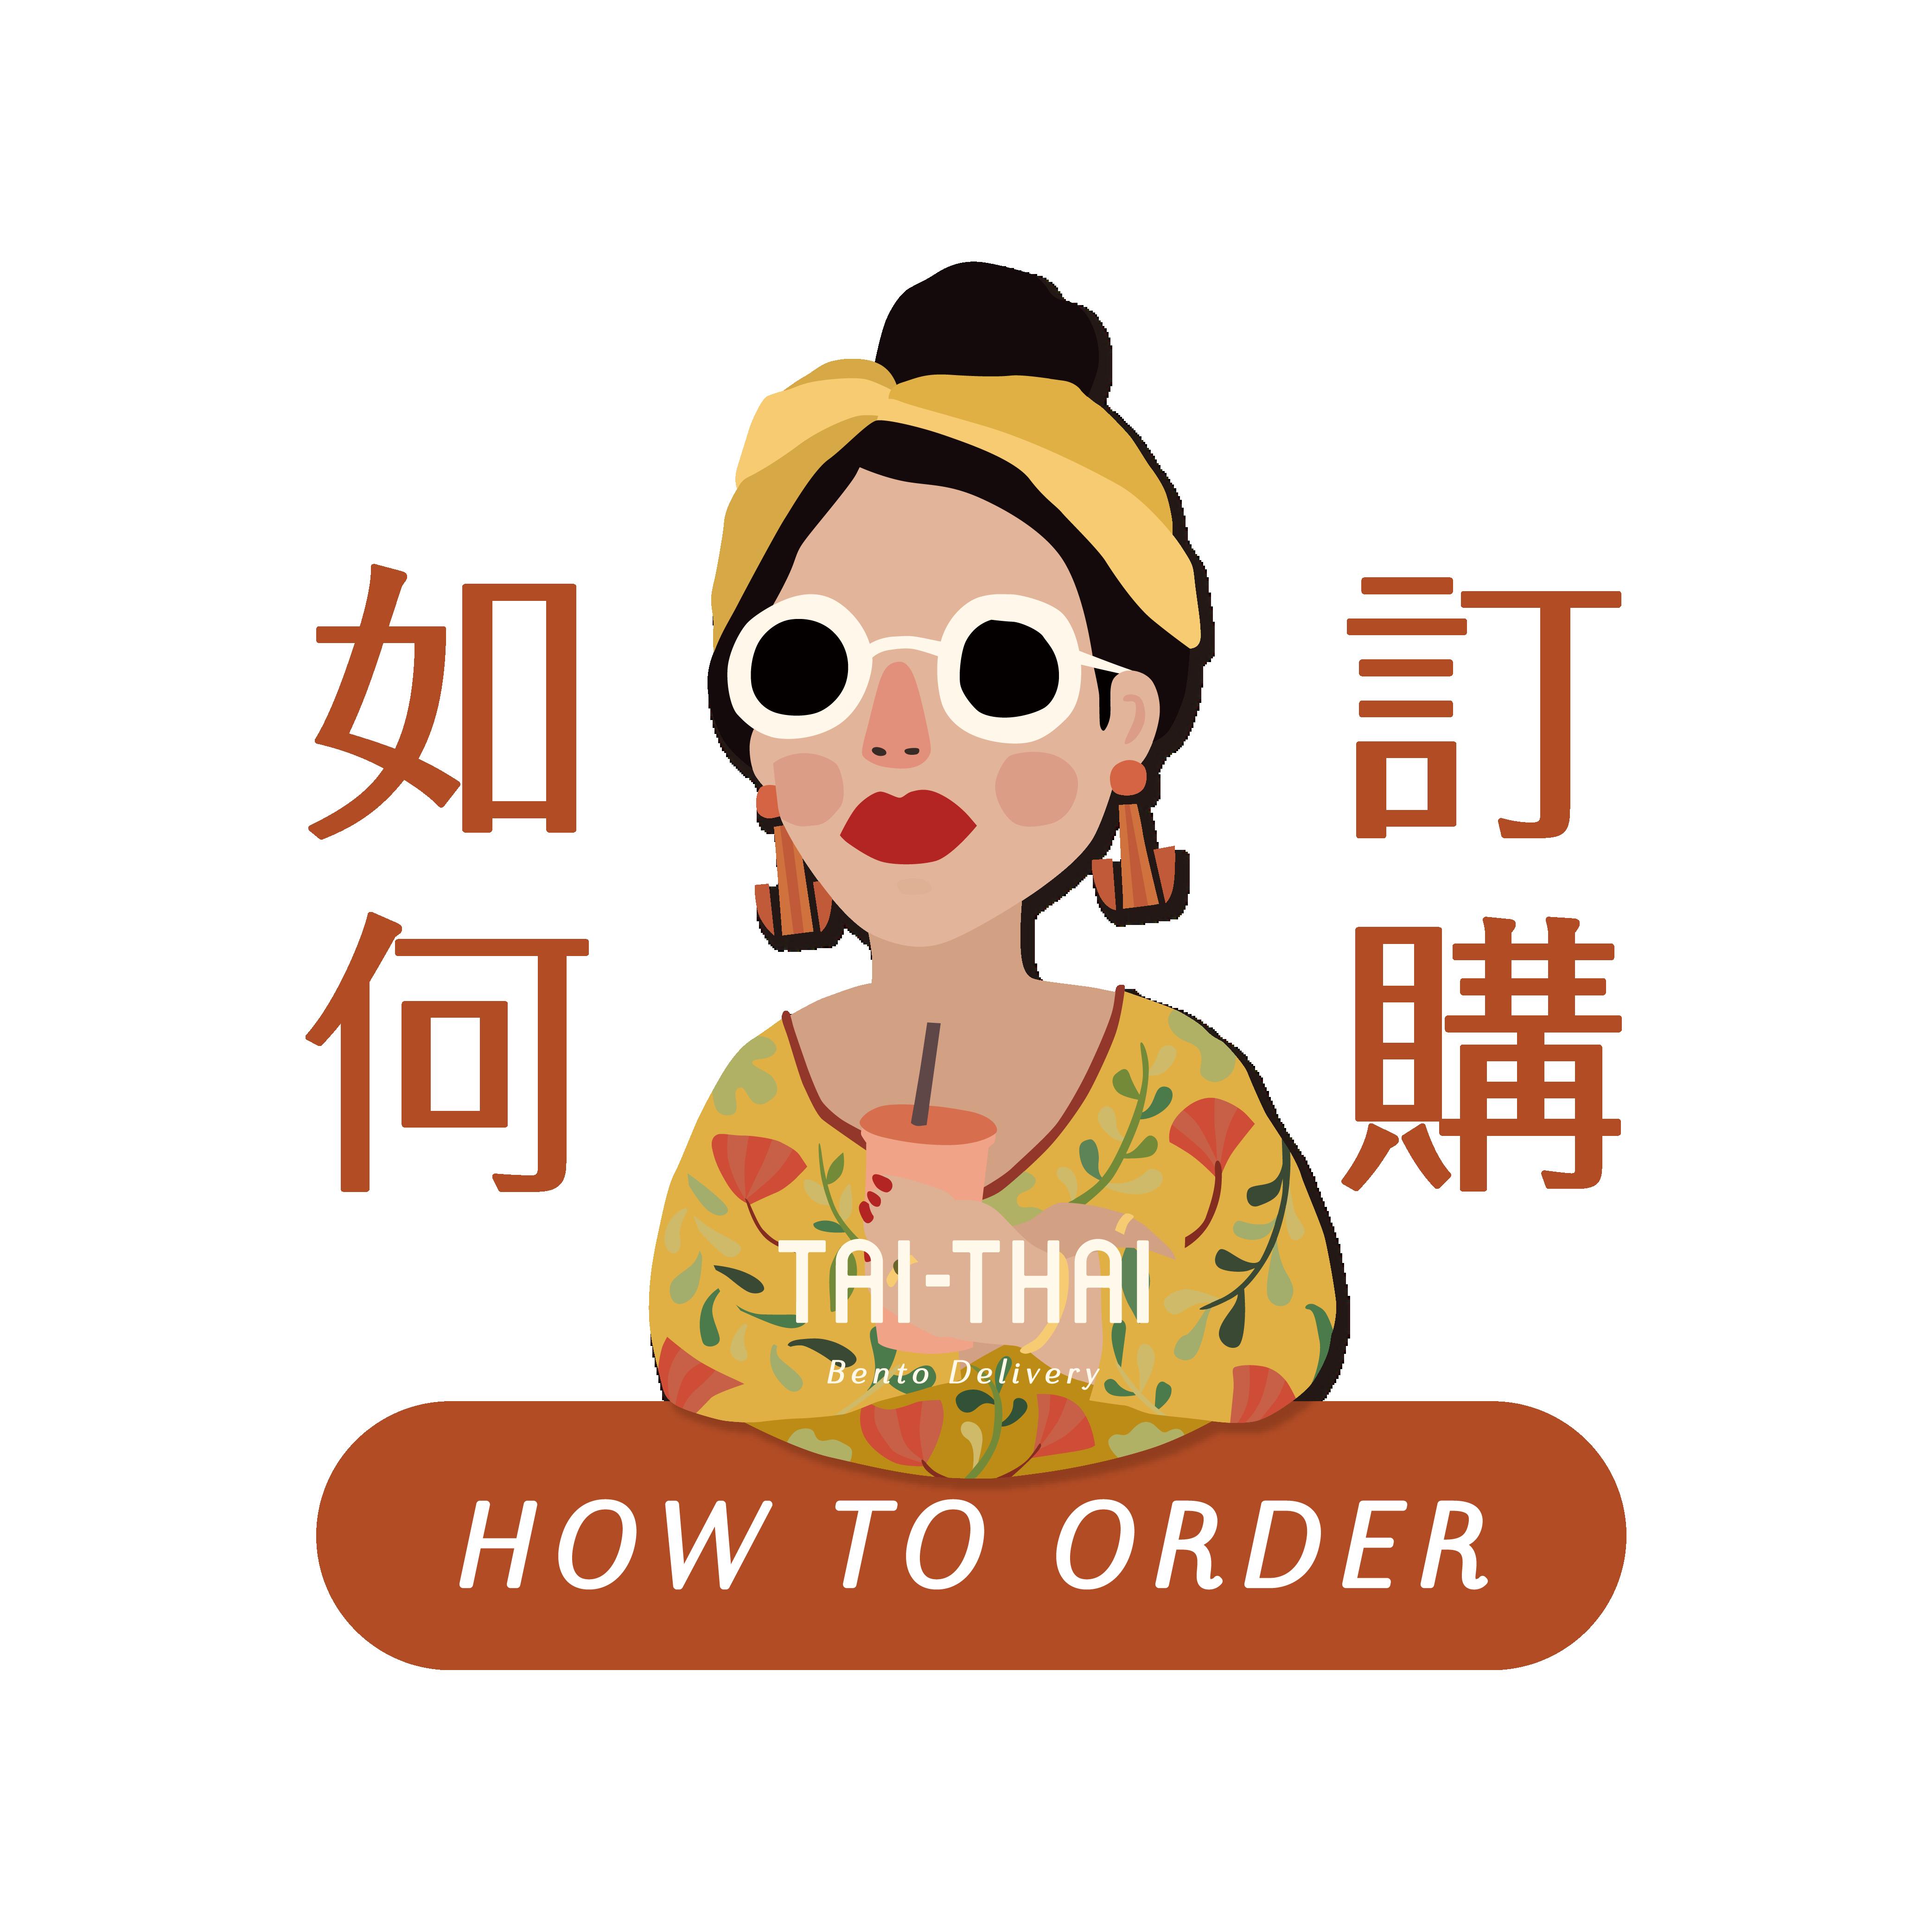 如何訂購|How to Order